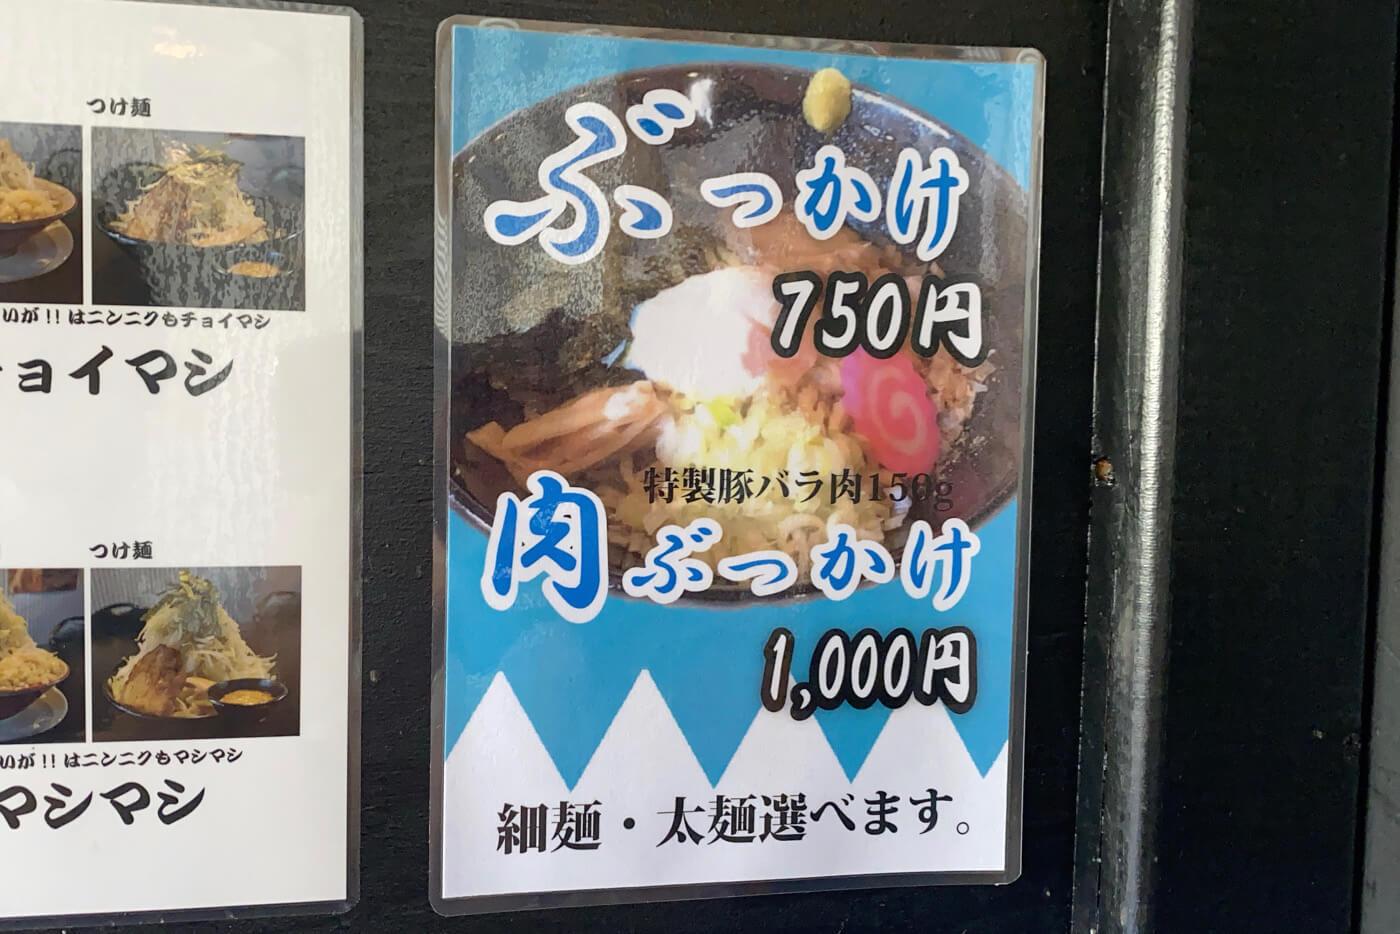 マルトクラーメン野市店 夏限定メニュー